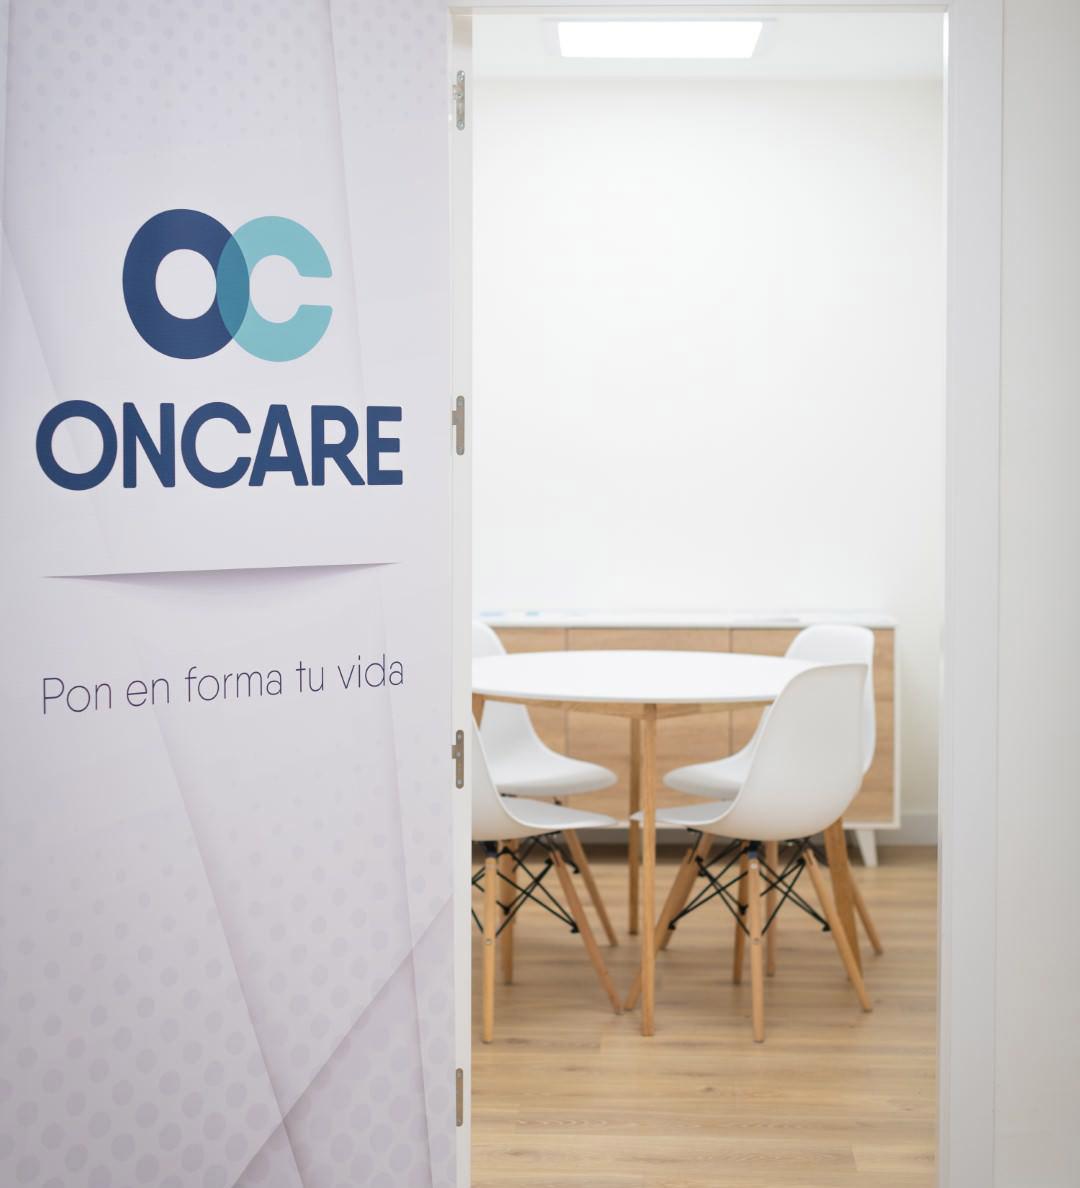 ONCARE Centro de bienestar para pacientes oncologicos Madrid